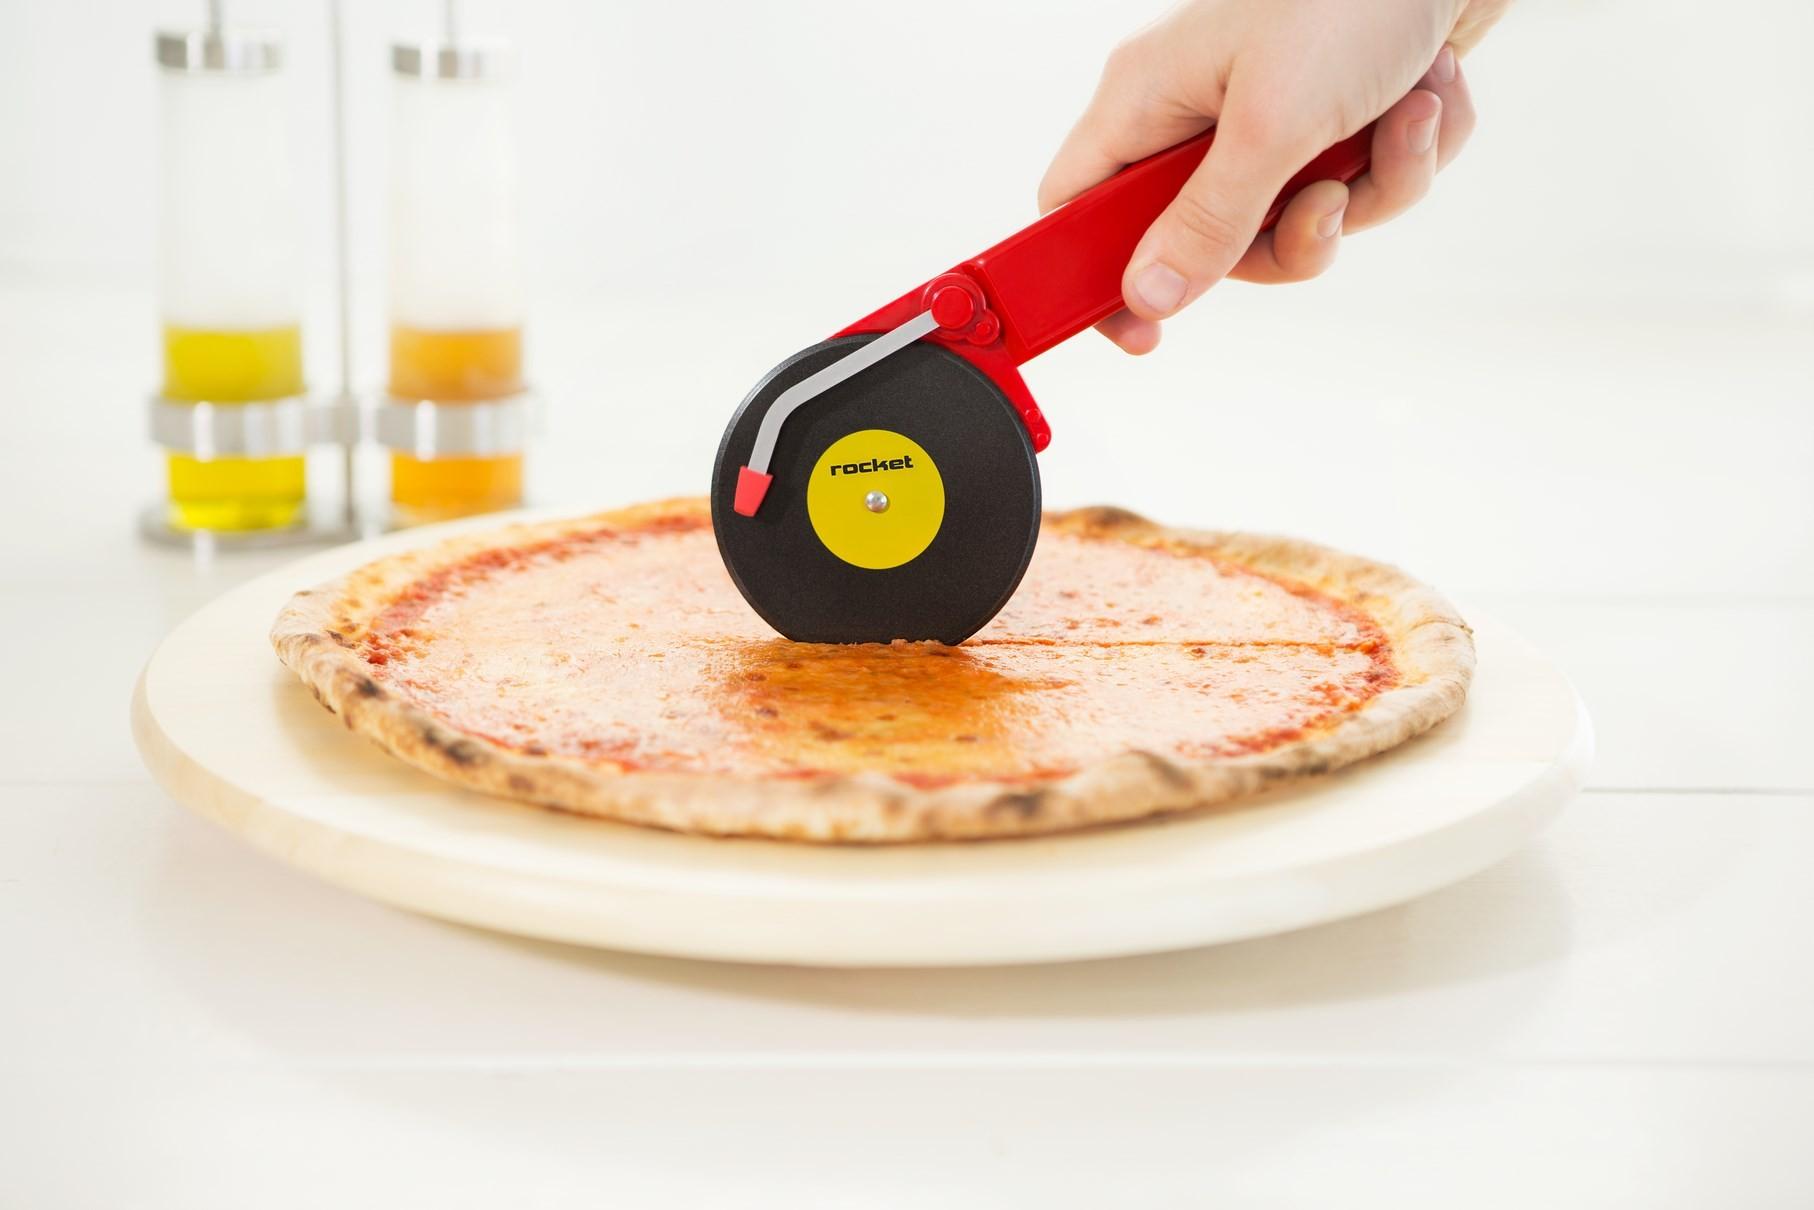 migliori accessori pizza: la classifica per cucinare al meglio - Cucinare Pizza